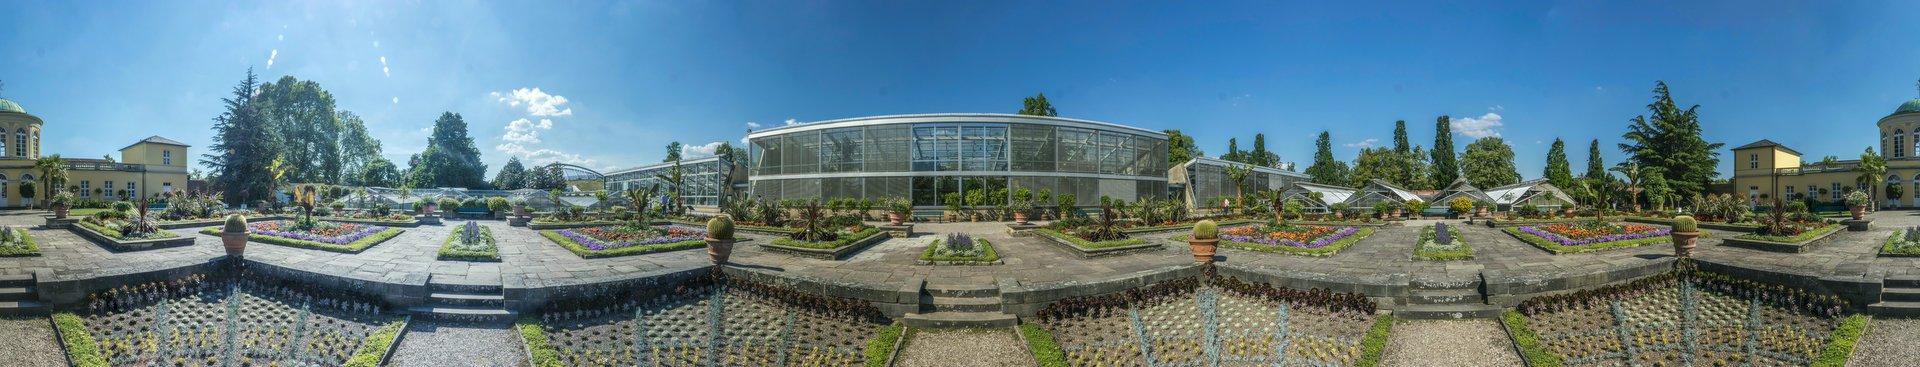 360° Panorama des Schmuckhofes im Berggarten